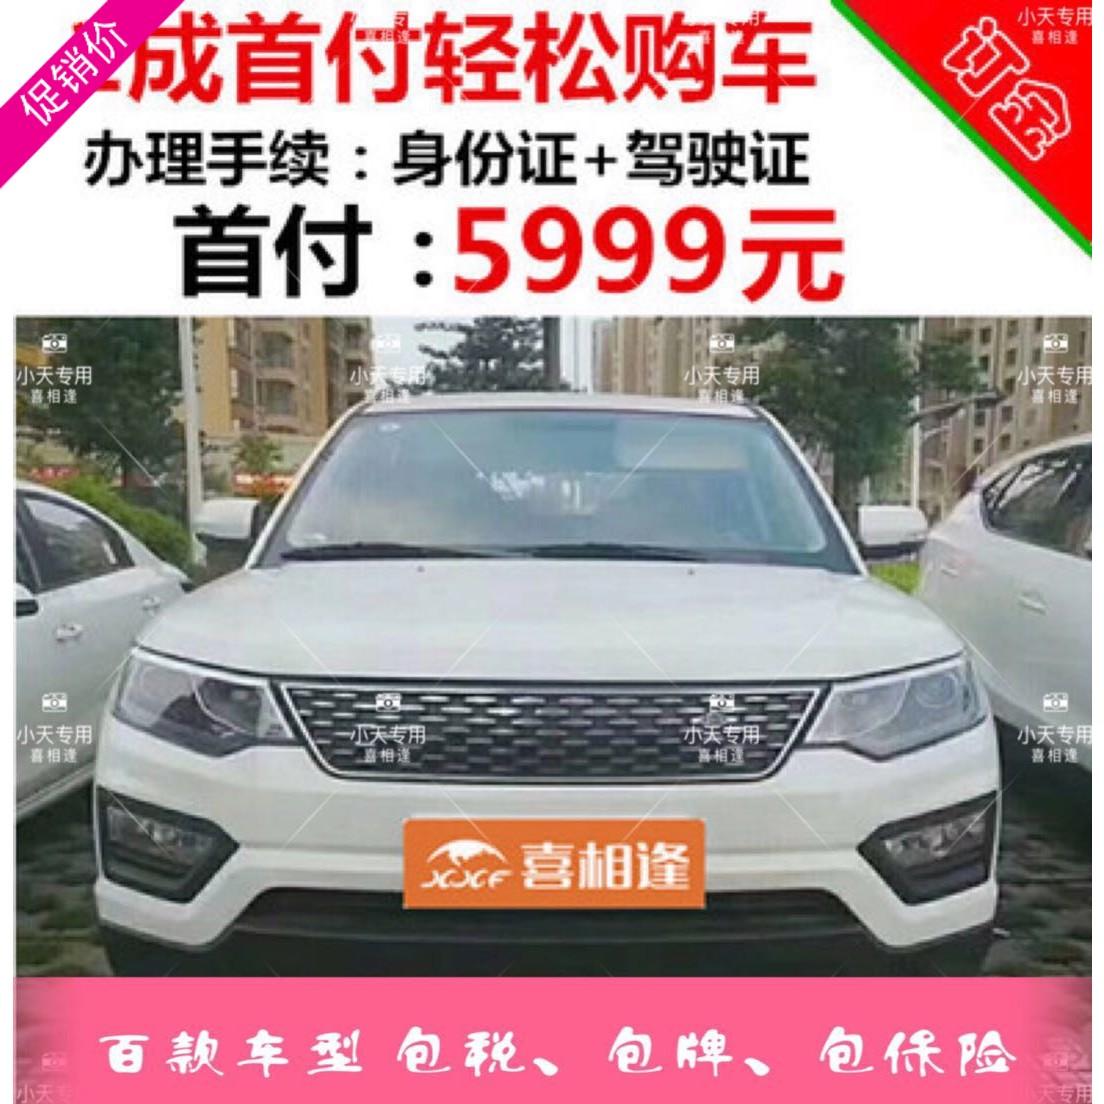 新车二手车整车 长安CX70T国产汽车分期618半价车零首低首付免息